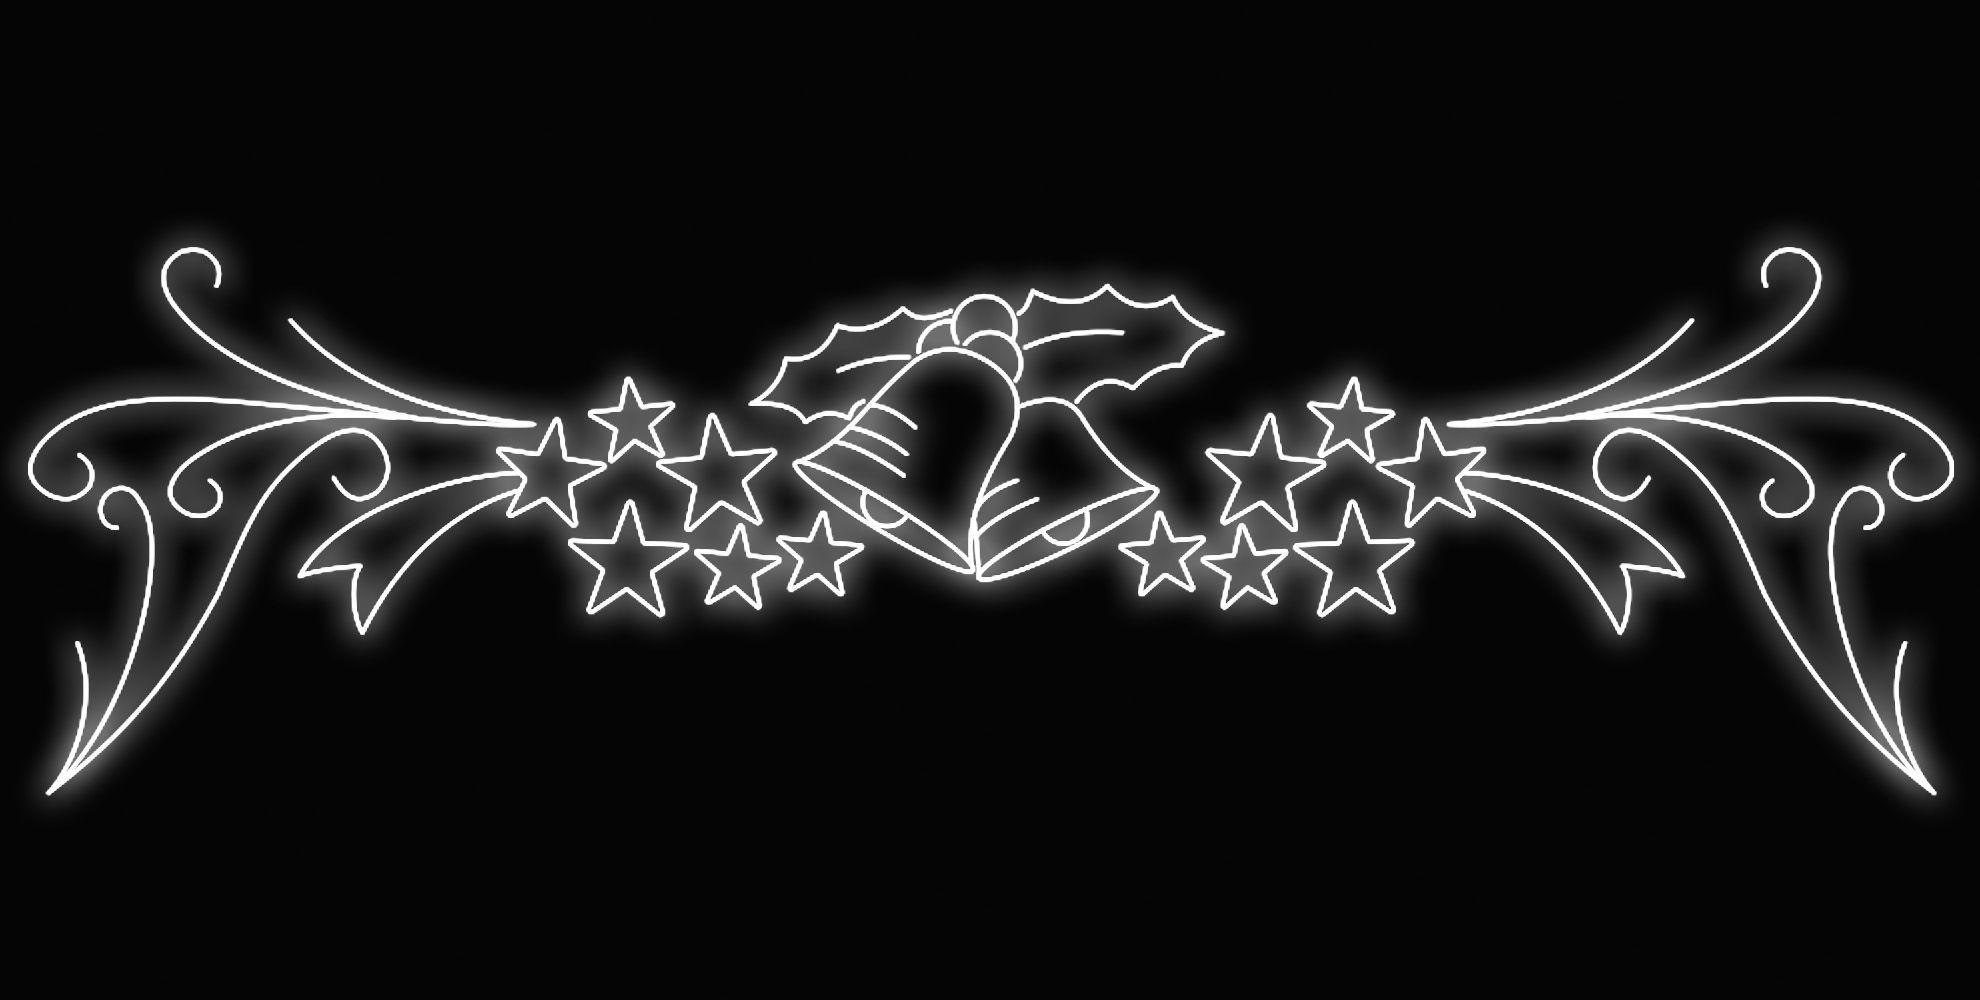 PO-007 - Painel Iluminado Led Ondas de Estrelas (Veja Opções)